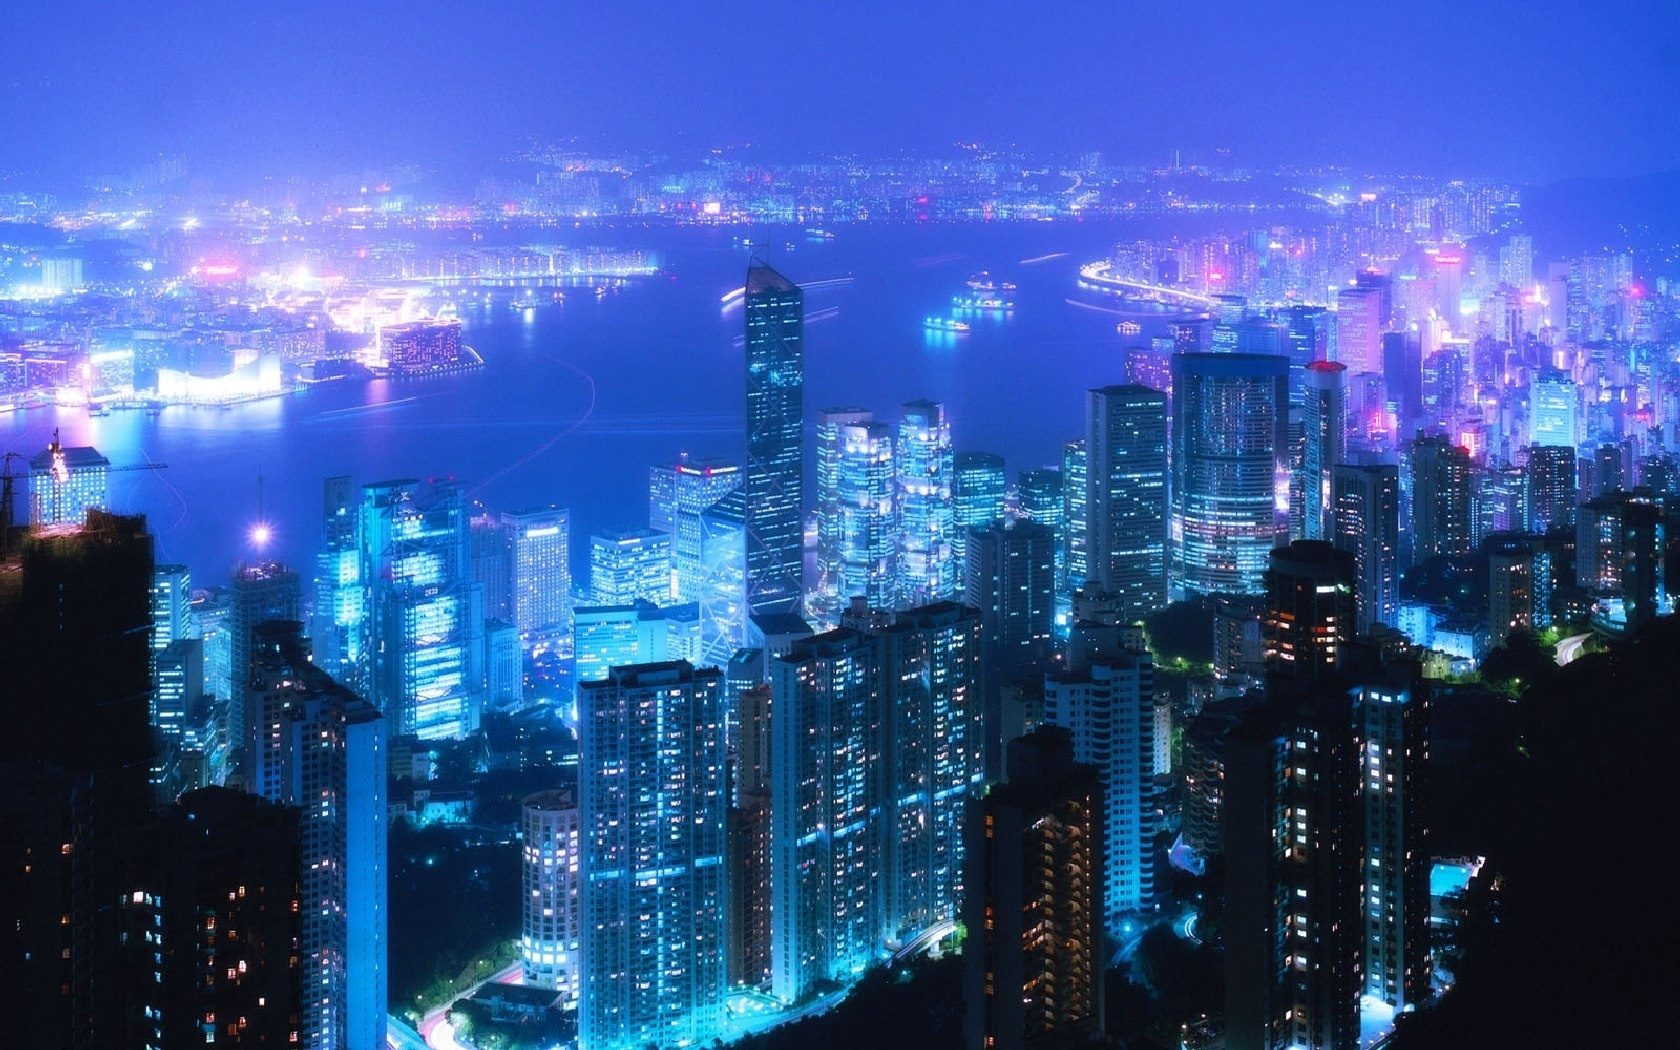 Download Wallpaper Night Lantern - lanterns-city-night-1  Collection-393665.jpg